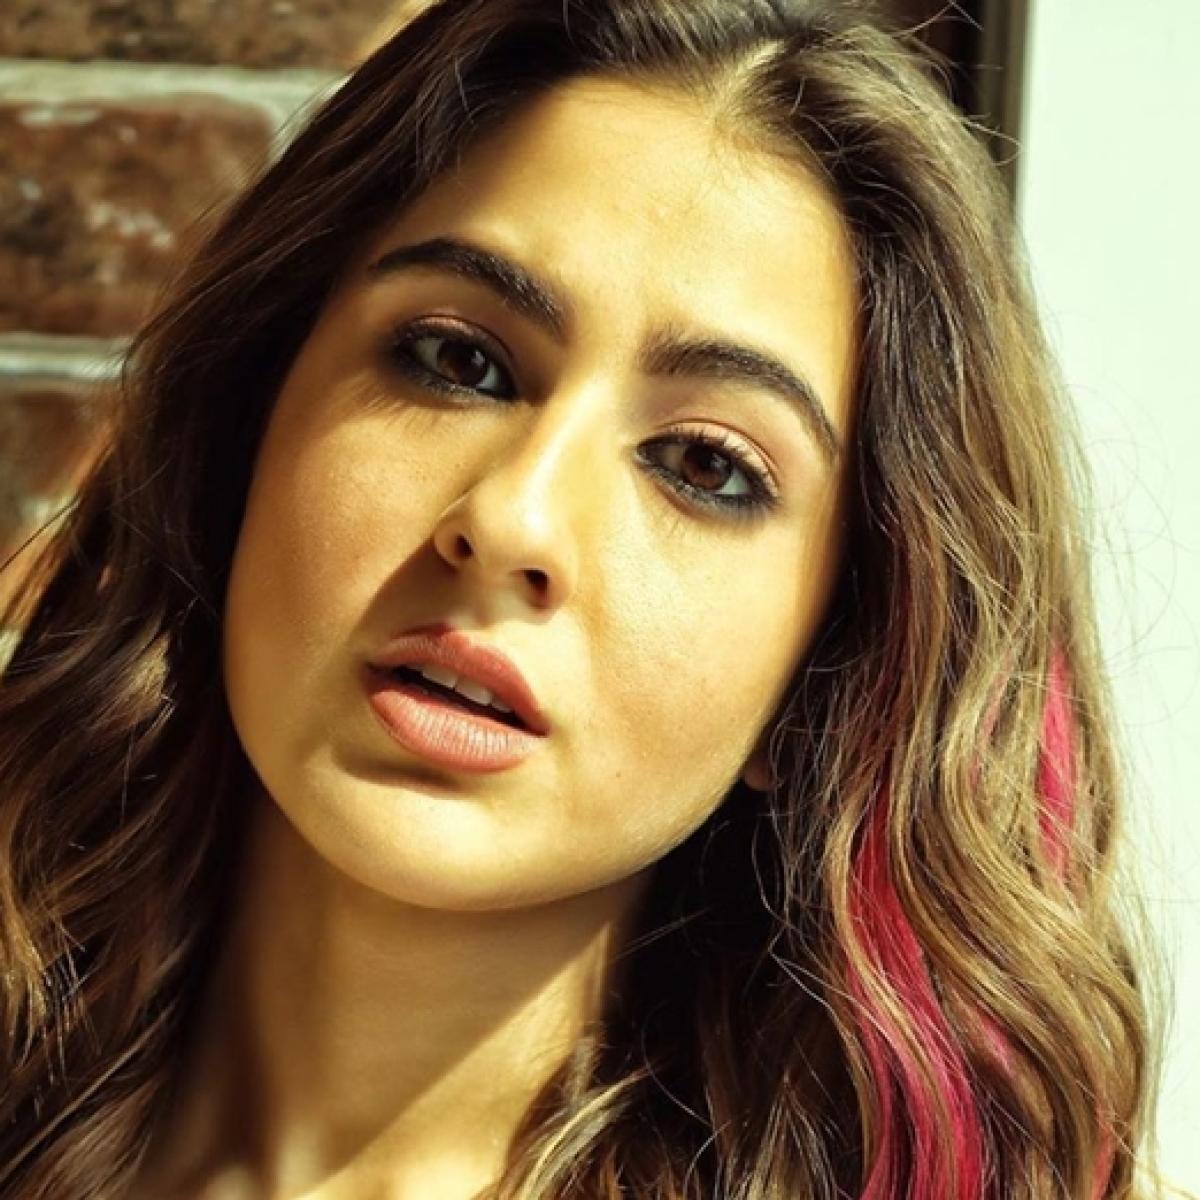 'Gulabi baal, tashan wali chaal': Sara Ali Khan slays her pink hair look